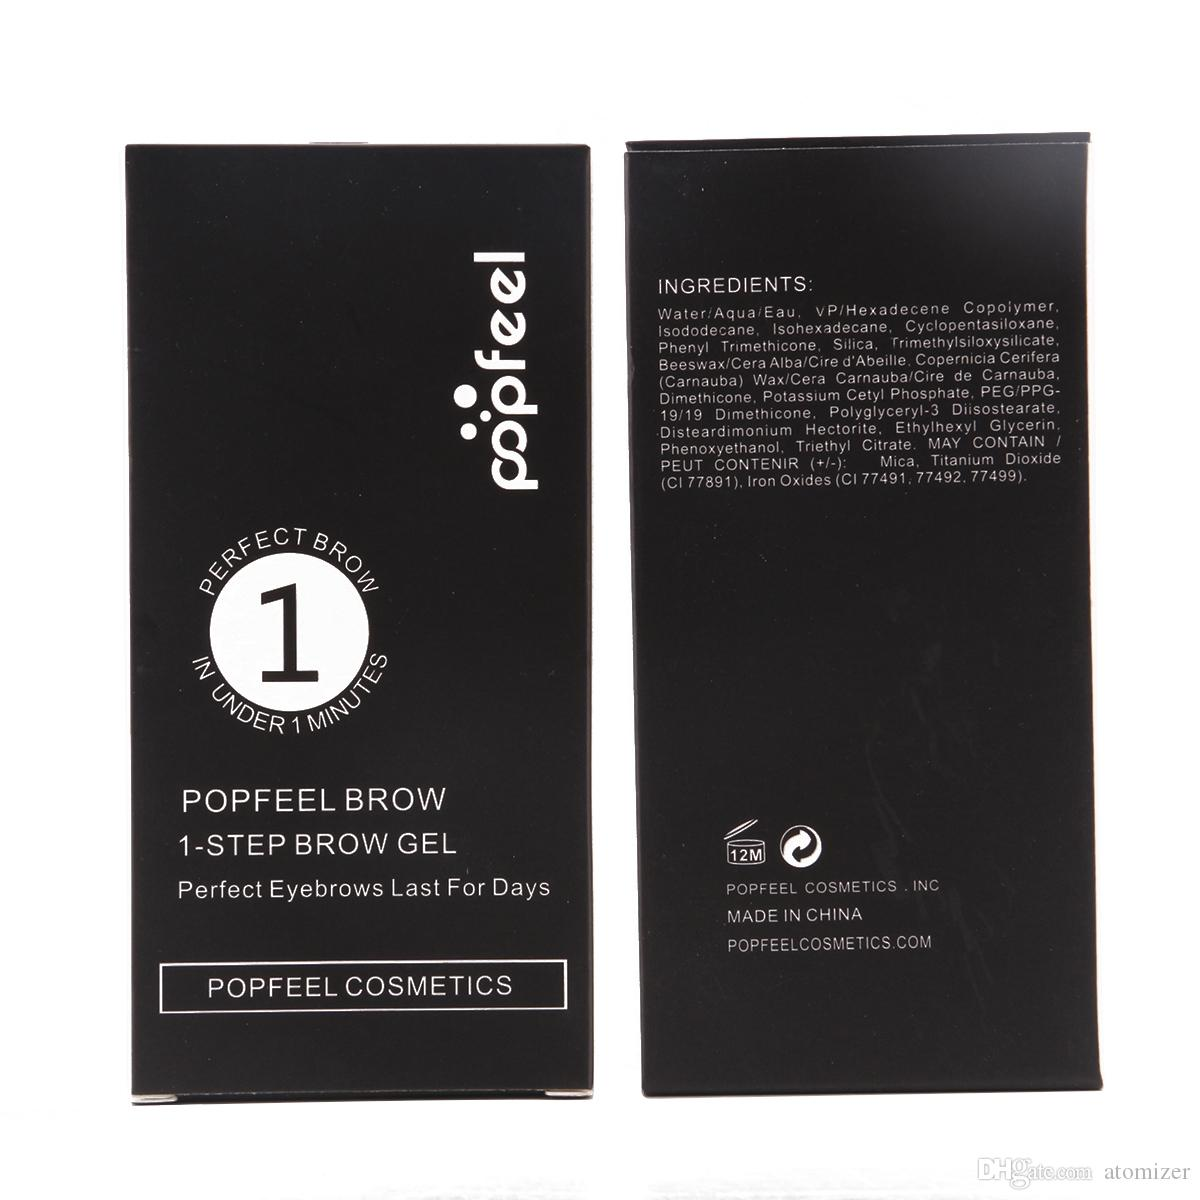 POPFEEL Kozmetik Kaş Jel Kaş Krem 5 renkler ile fırça Kahverengi Siyah Su Geçirmez Makyaj Kaş Jel Perfet Kaşları günler için Son